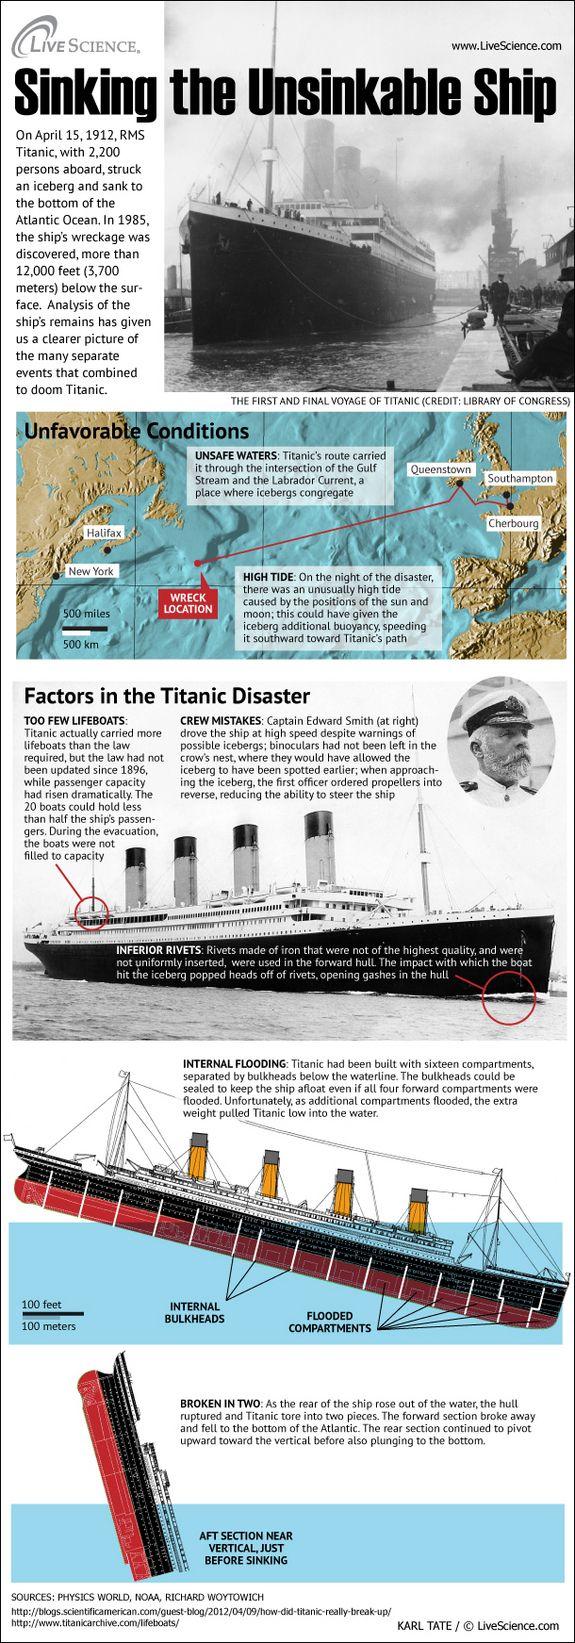 Infografía : ¿Qué provocó la caída del Titanic? Una extraordinaria variedad de elementos se unieron para hundir el barco de vapor famoso Titanic.